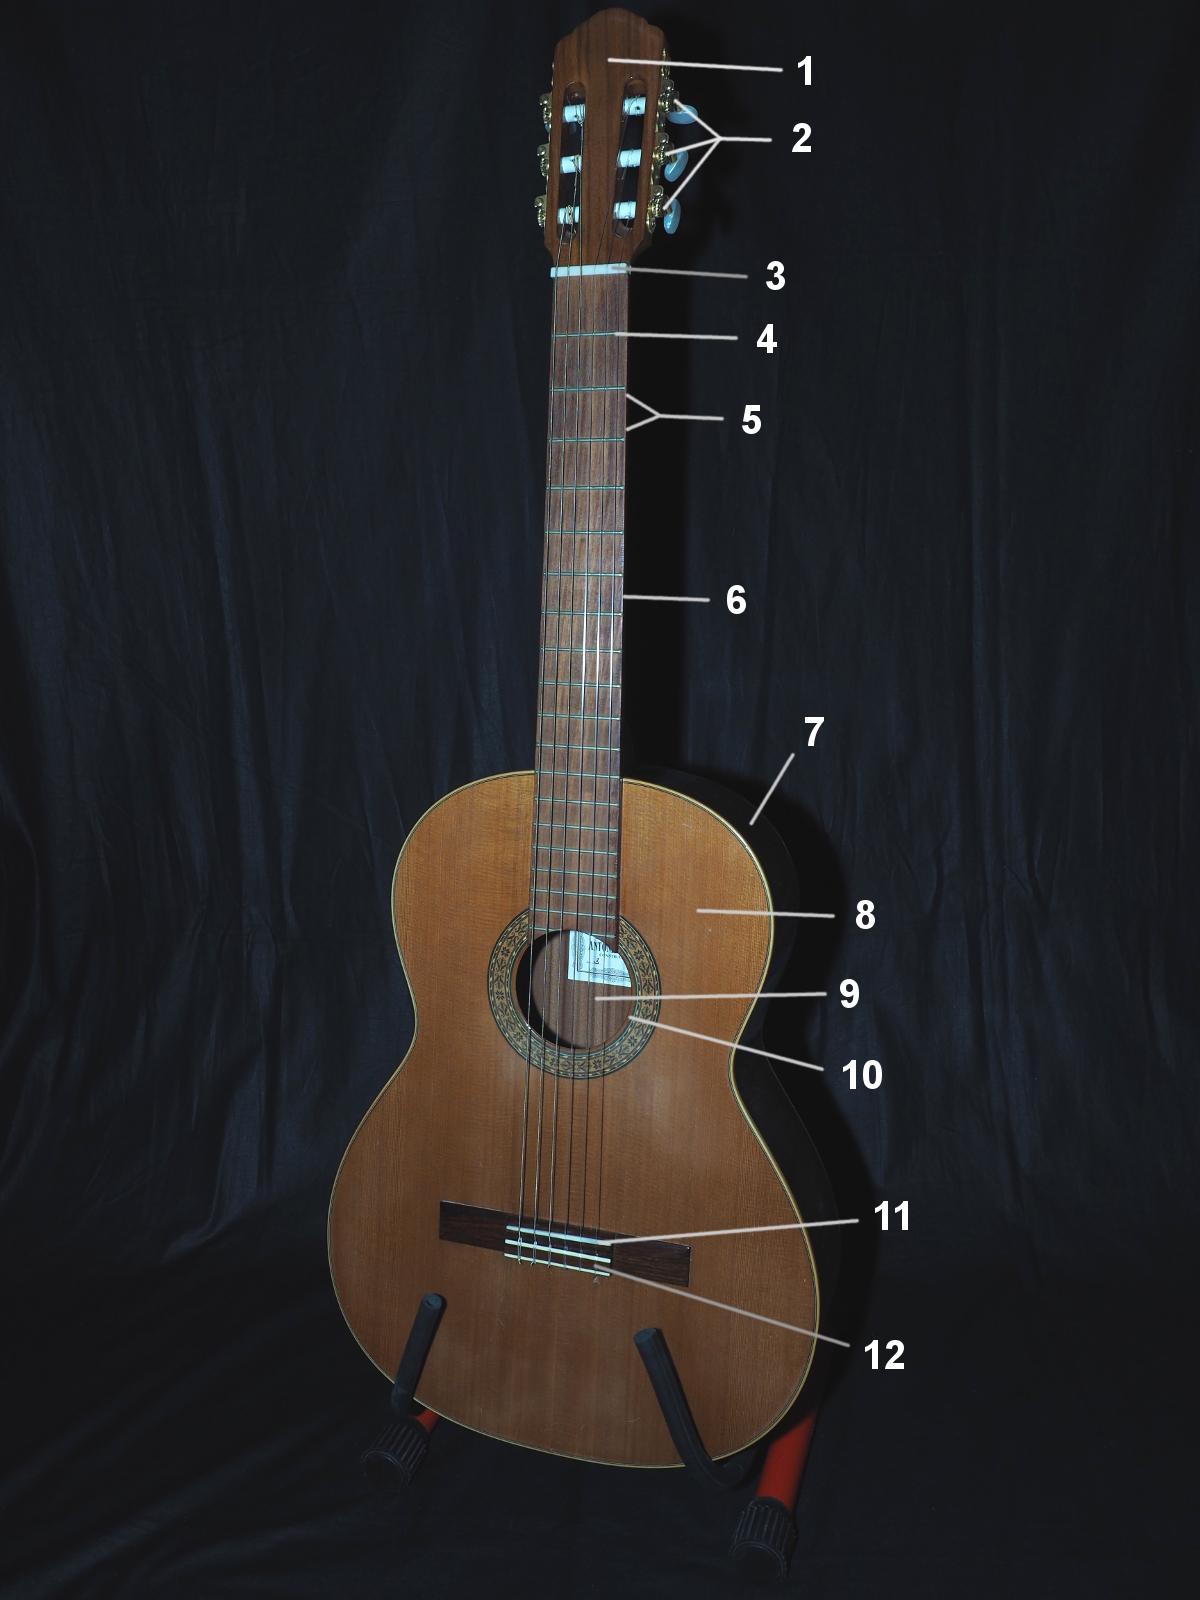 Konzertgitarre: Bezeichnungen der Teile